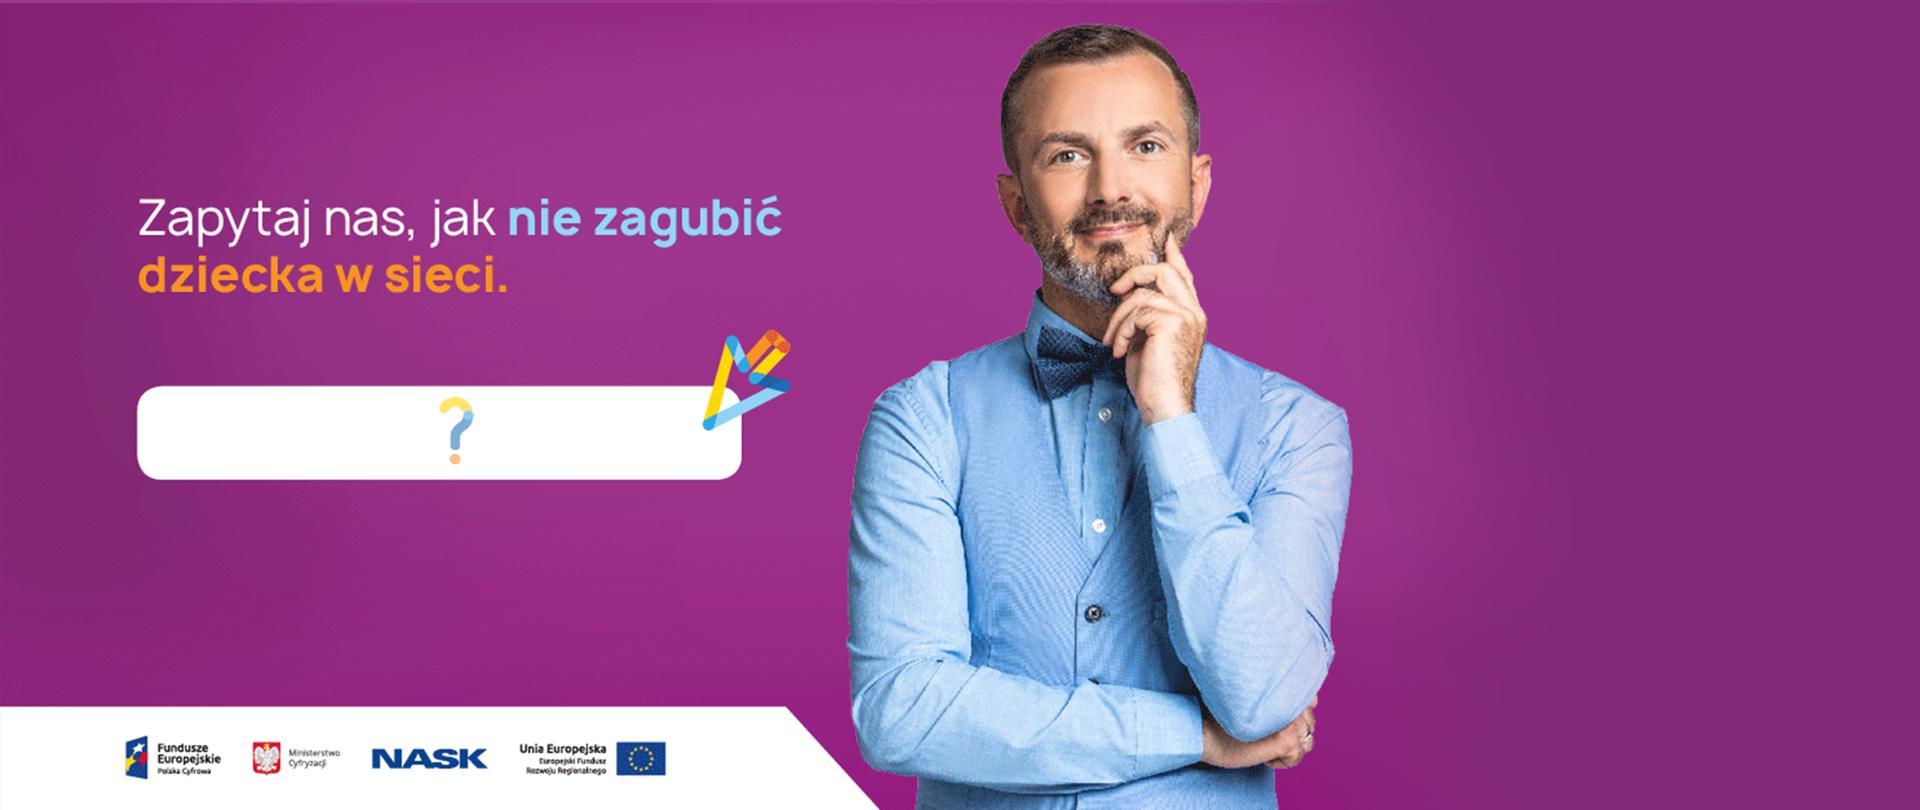 Tomasz Rożek na fioletowym tle. Mężczyzna ubrany jest na błękitno. Jedną rękę trzyma opartą na brodzie, drugą podpiera łokieć pierwszej. Napis: Zapytaj nas, jak nie zagubić dziecka w sieci.